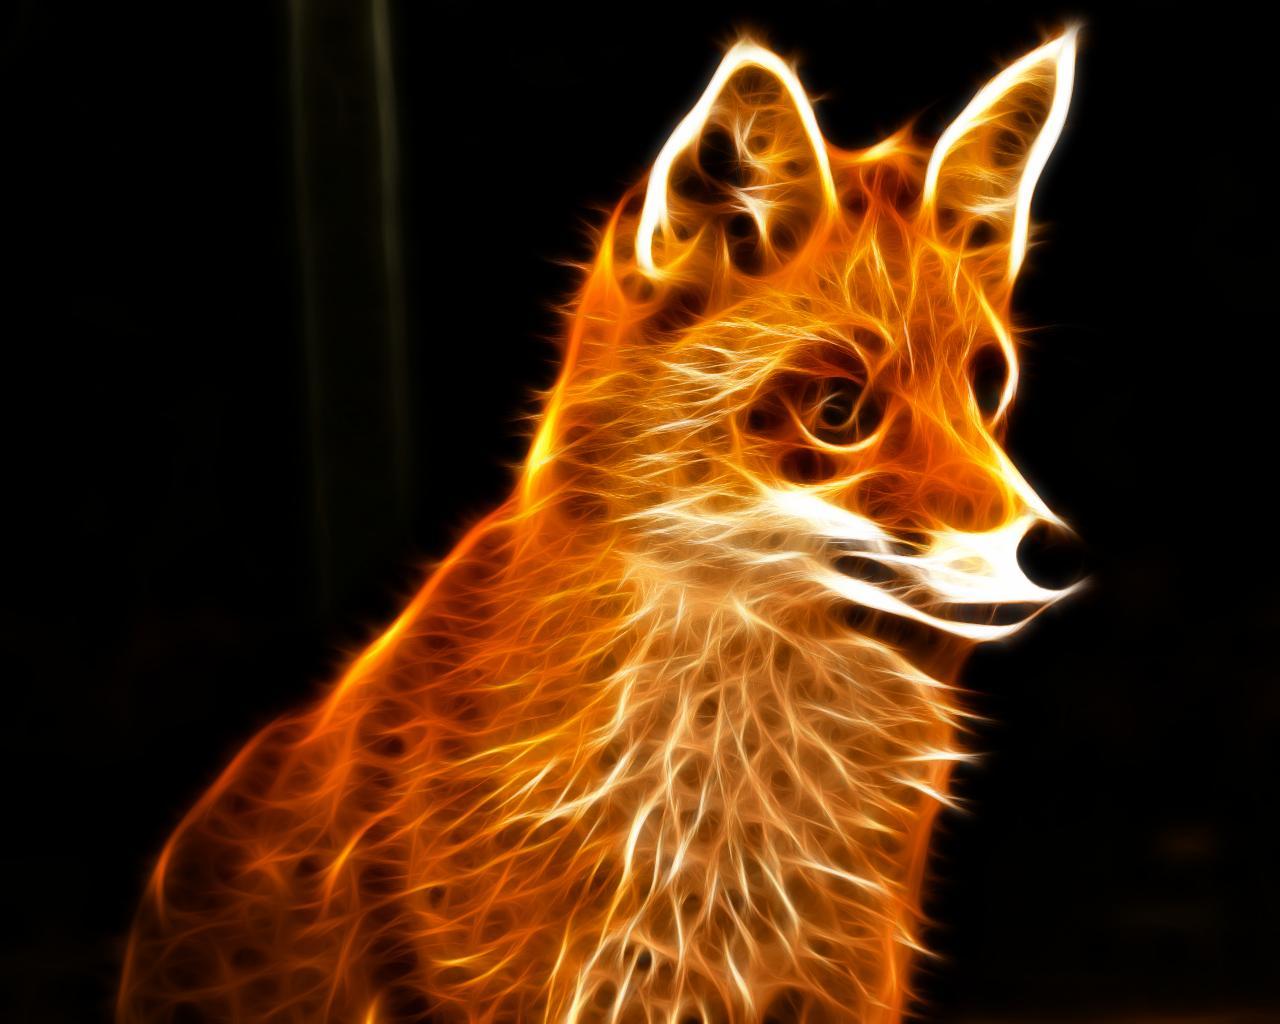 http://1.bp.blogspot.com/-sGr4tYEkQt8/UH4qNqXD7eI/AAAAAAAAFjM/NvJjmyFyIfA/s1600/animals_fractal_fox_desktop_1920x1080_wallpaper-jokuci.jpg